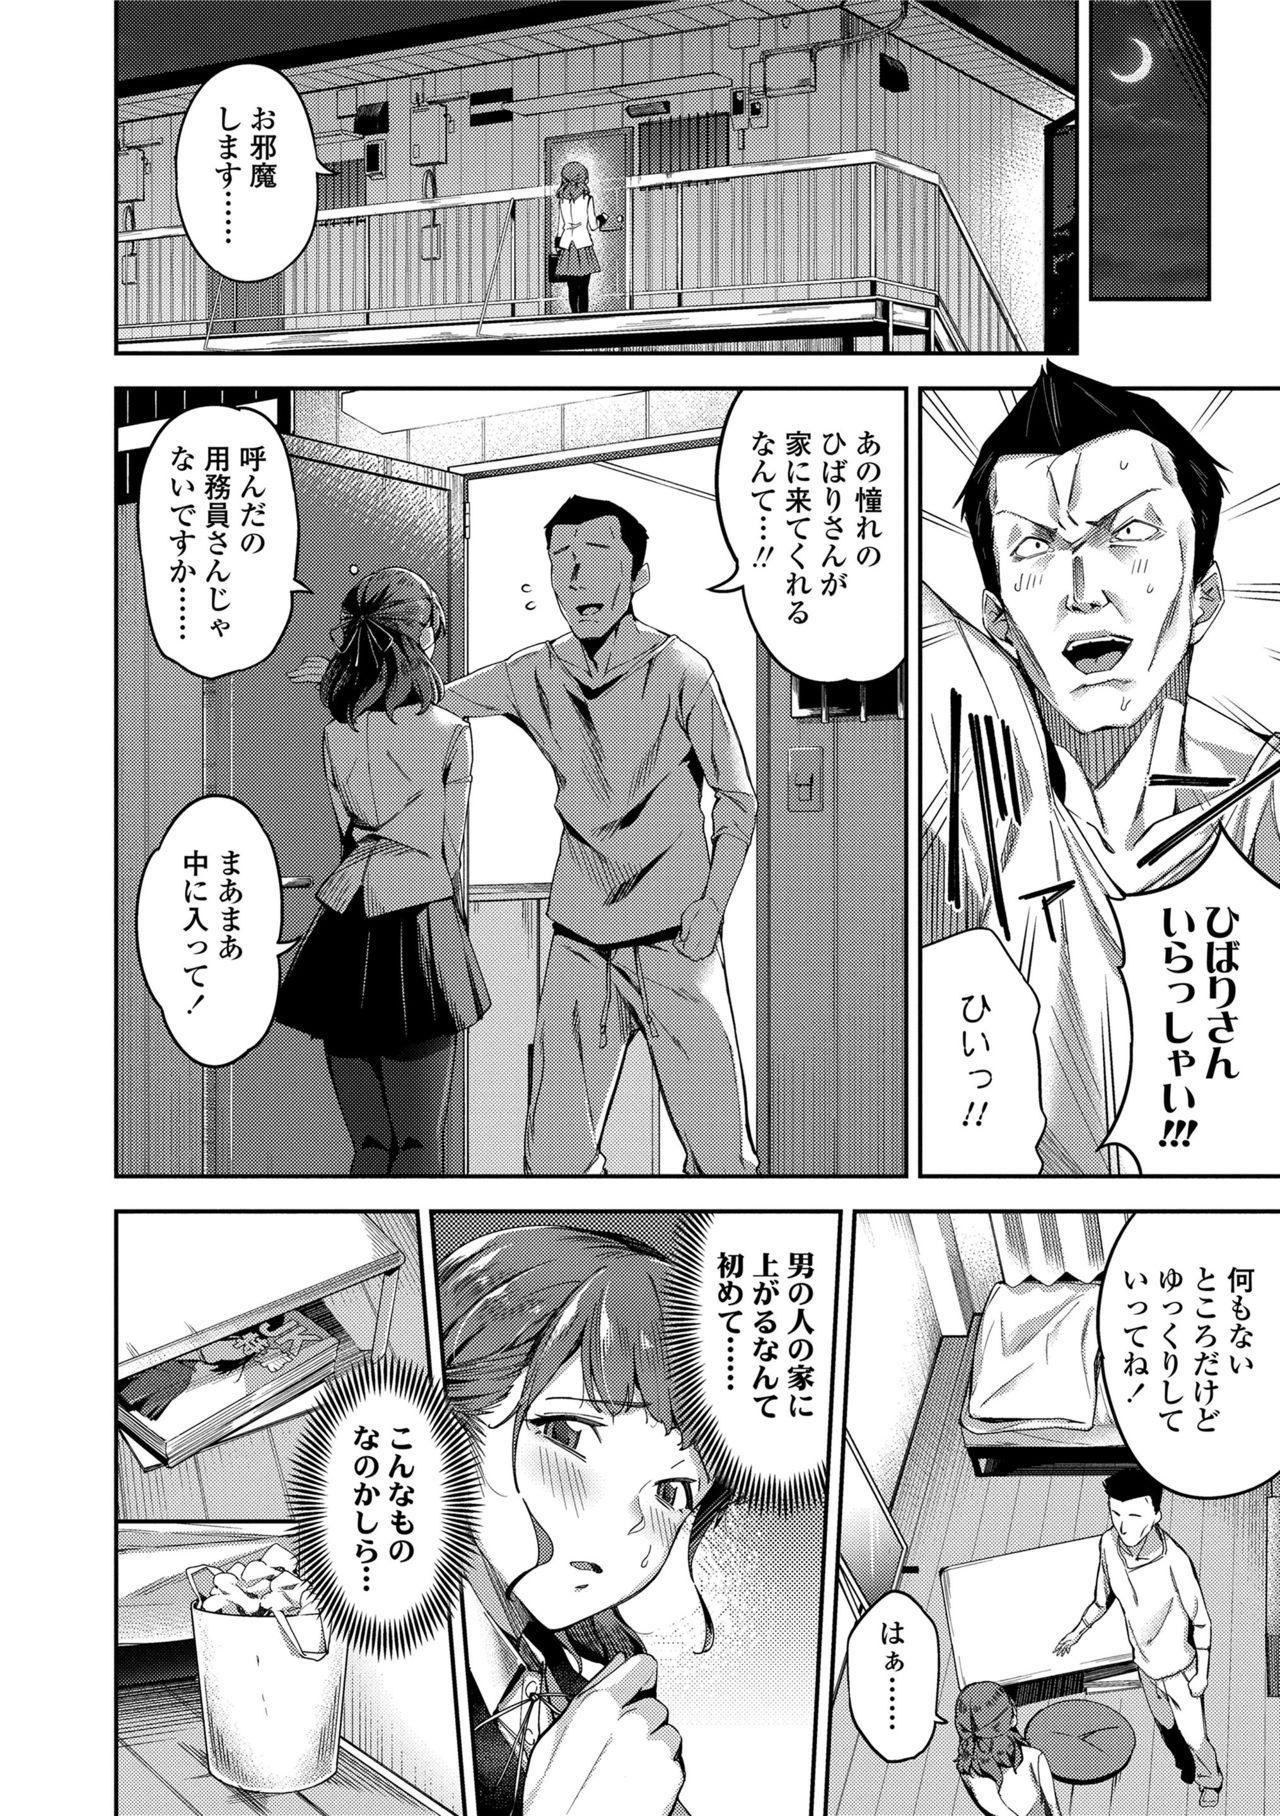 Ai ga Nakutemo Ecchi wa Dekiru! - Even if There is No Love You Can H! 23